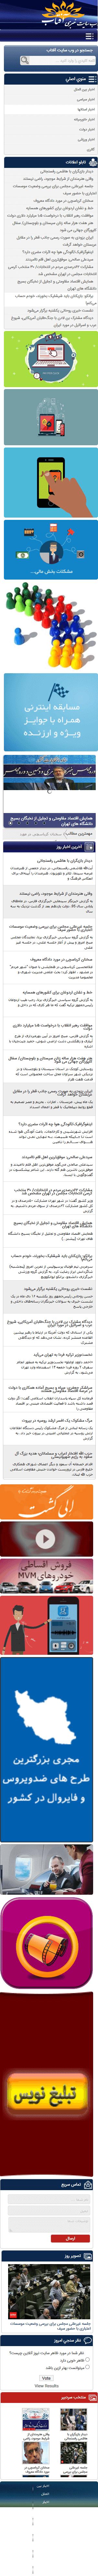 حالت موبایل سایت خبری آفتاب